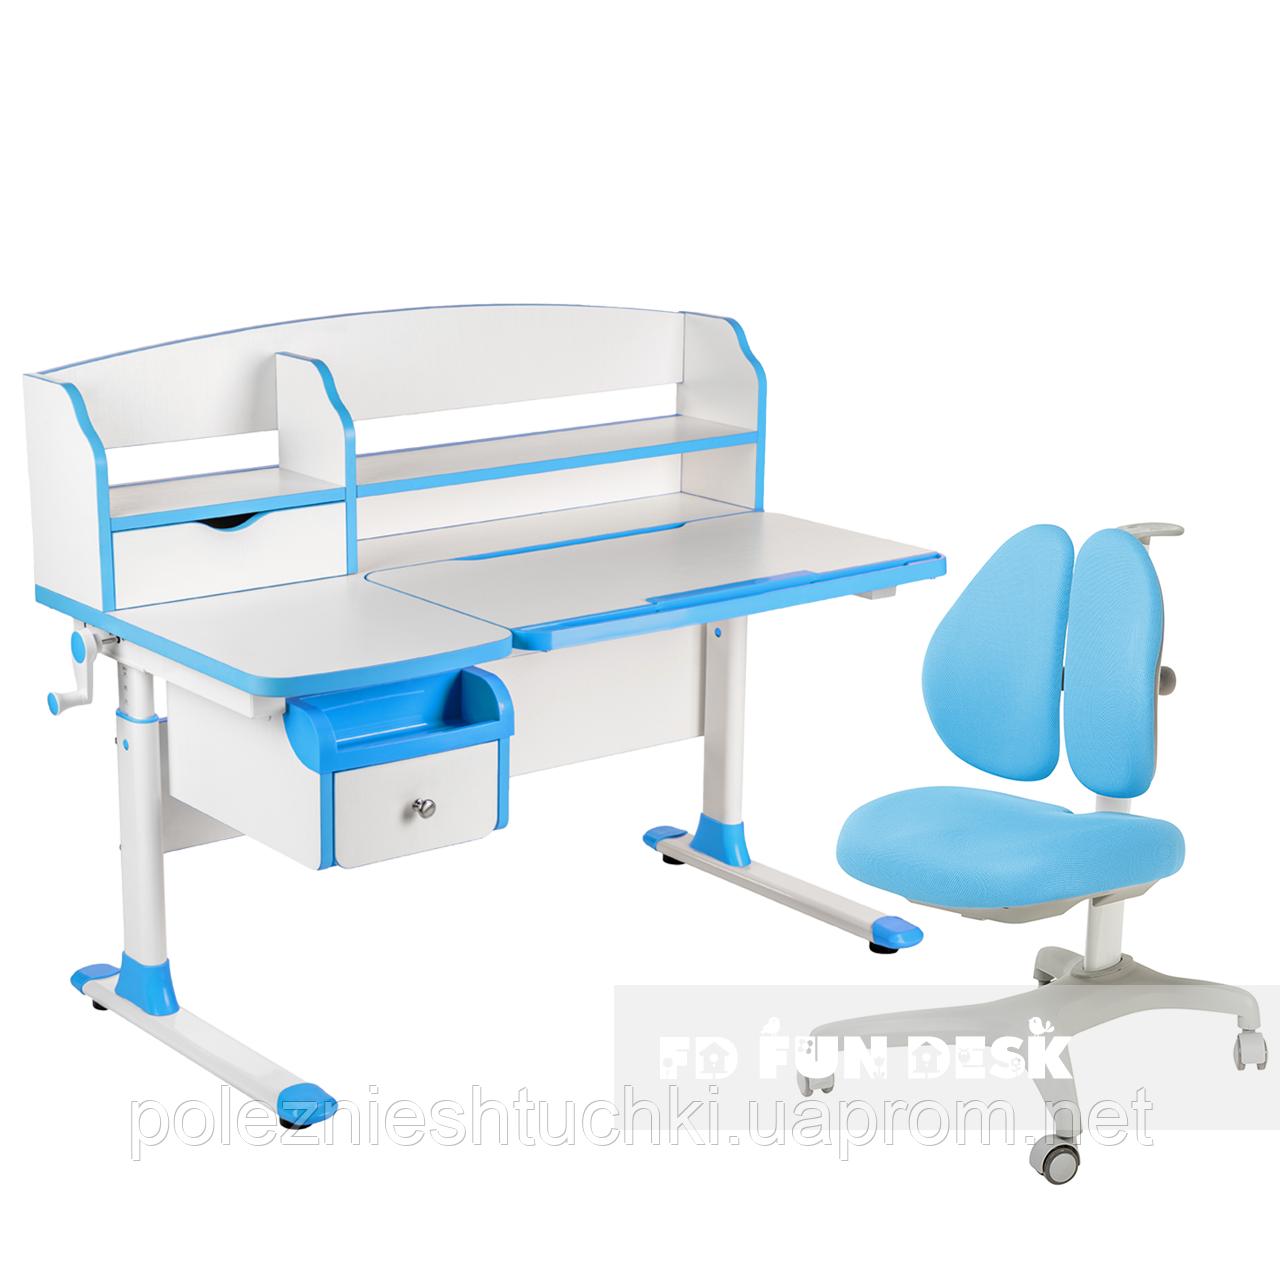 Комплект парта для подростка Sognare Blue + детское ортопедическое кресло Bello II Blue FunDesk